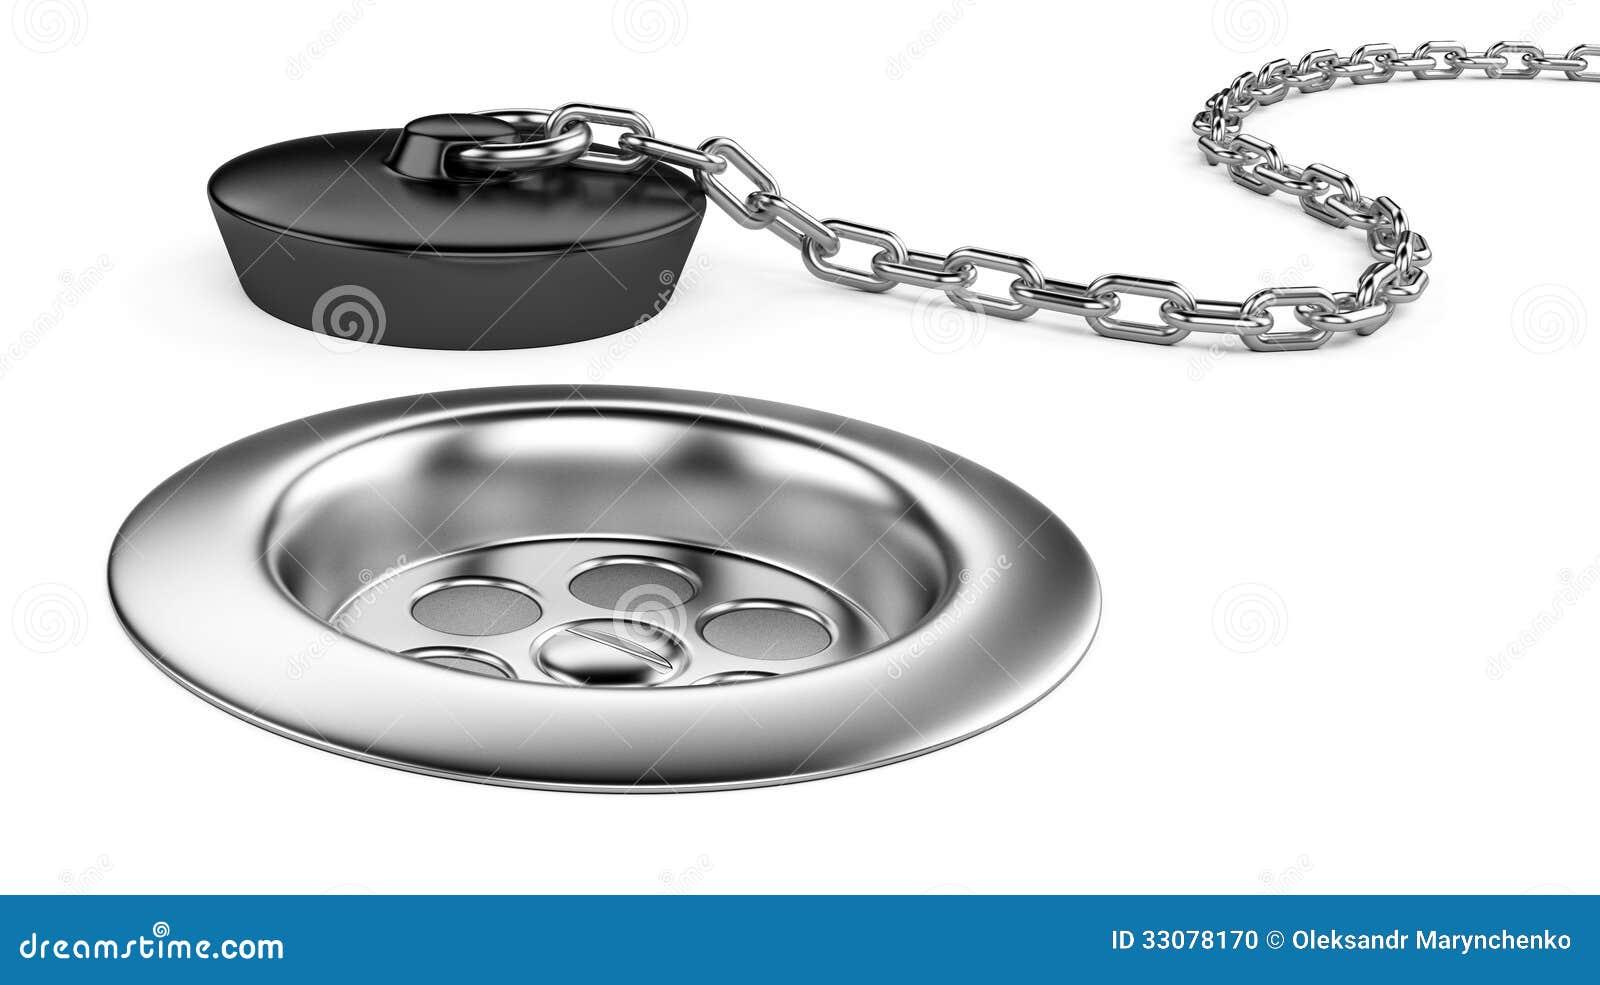 Stunning Sink Drain Plug Clip Art 1300 x 817 · 74 kB · jpeg